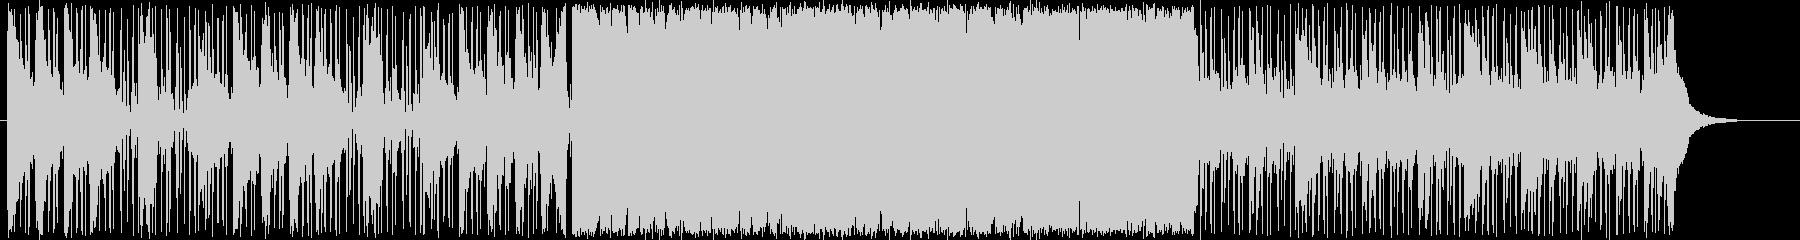 アジアン風ドラムンベースの未再生の波形